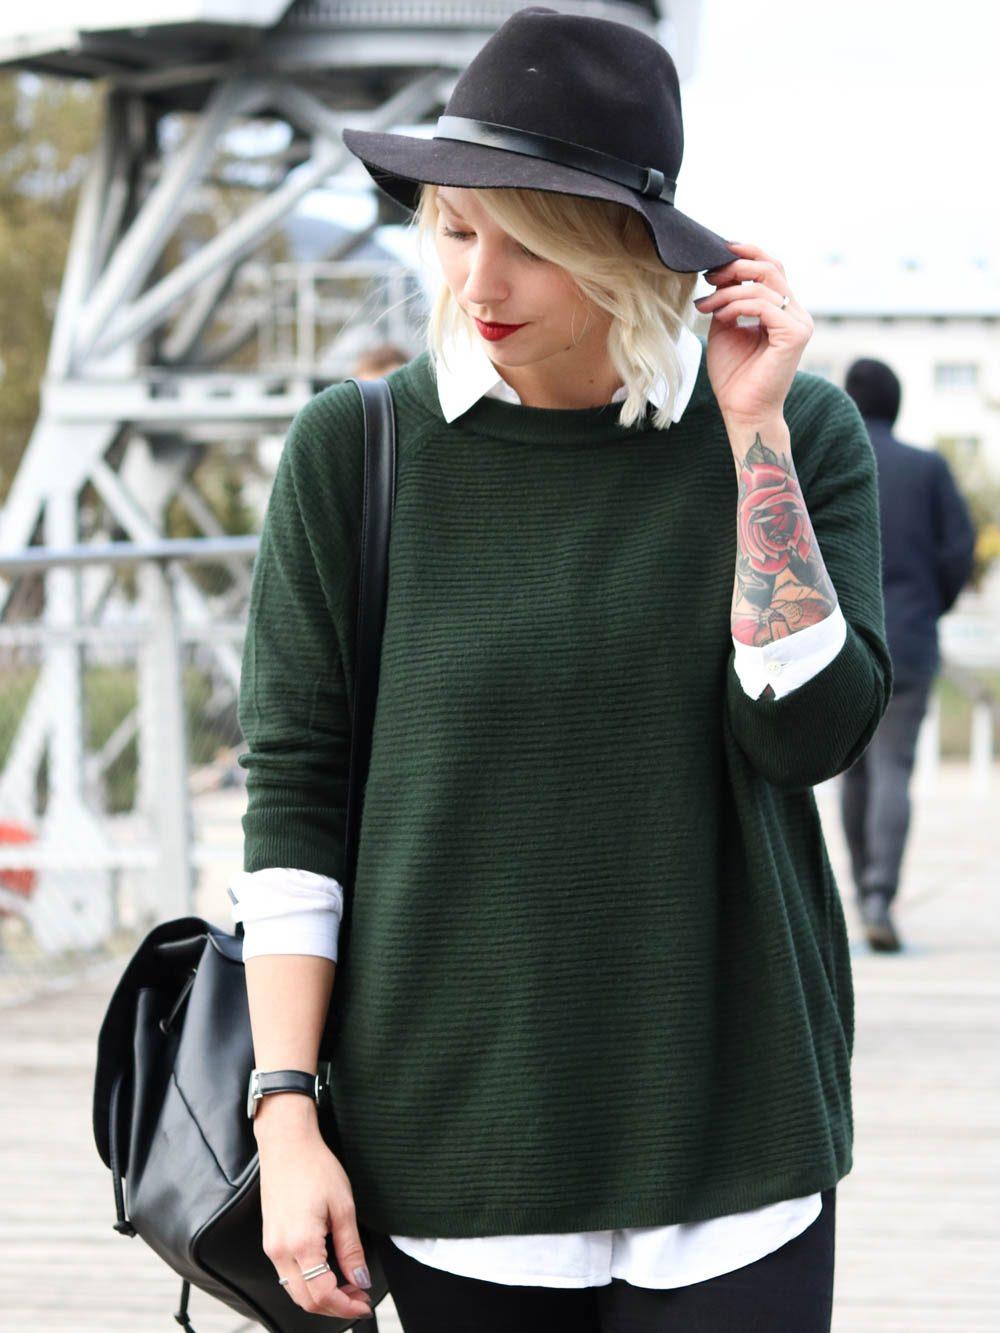 outfit-gruener-strickpullover-weisse-bluse-schwarze-jeans-6-von-20